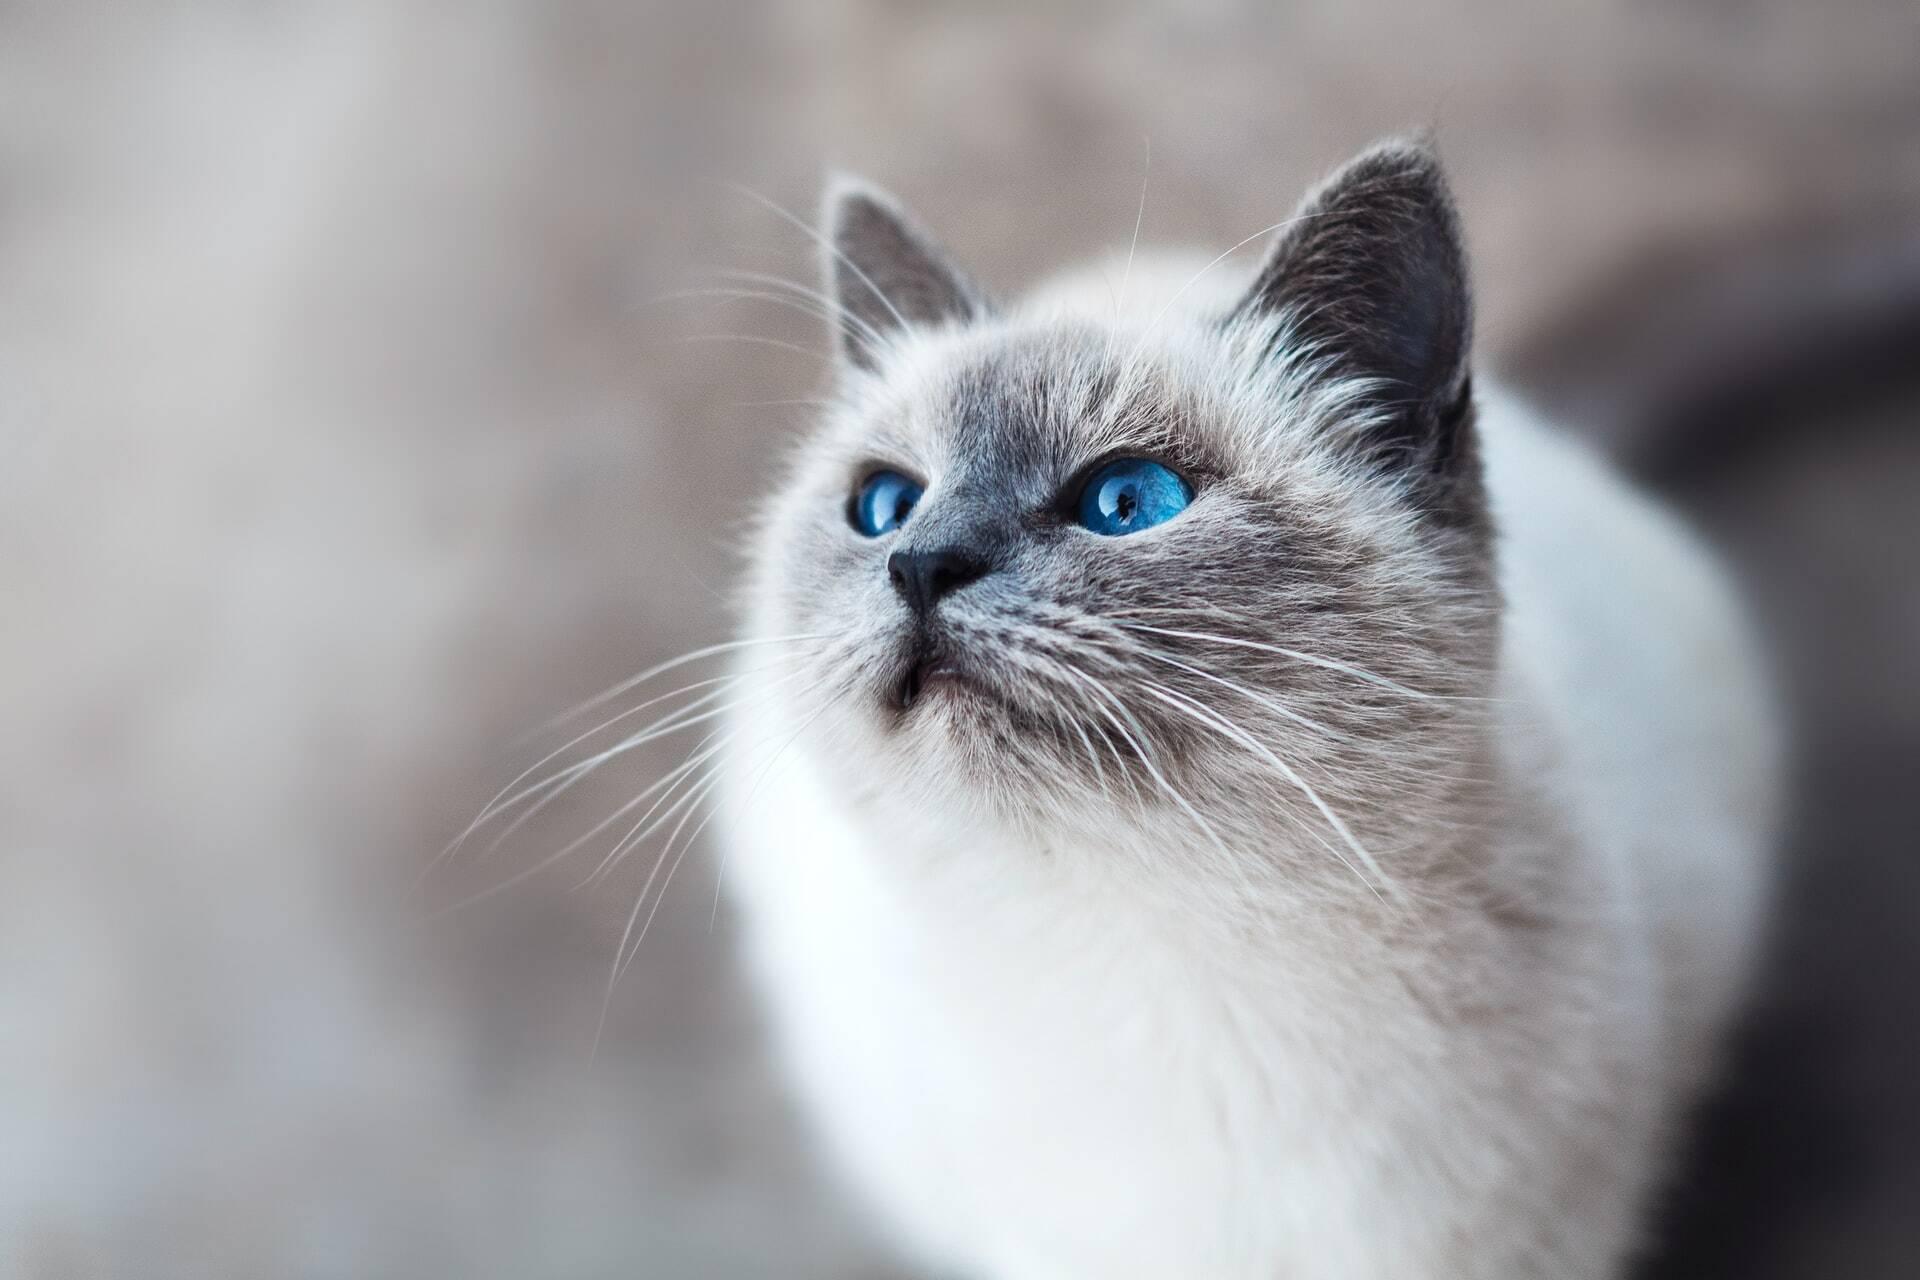 Por que gatos provocam mais alergias que cães? A ciência busca a resposta